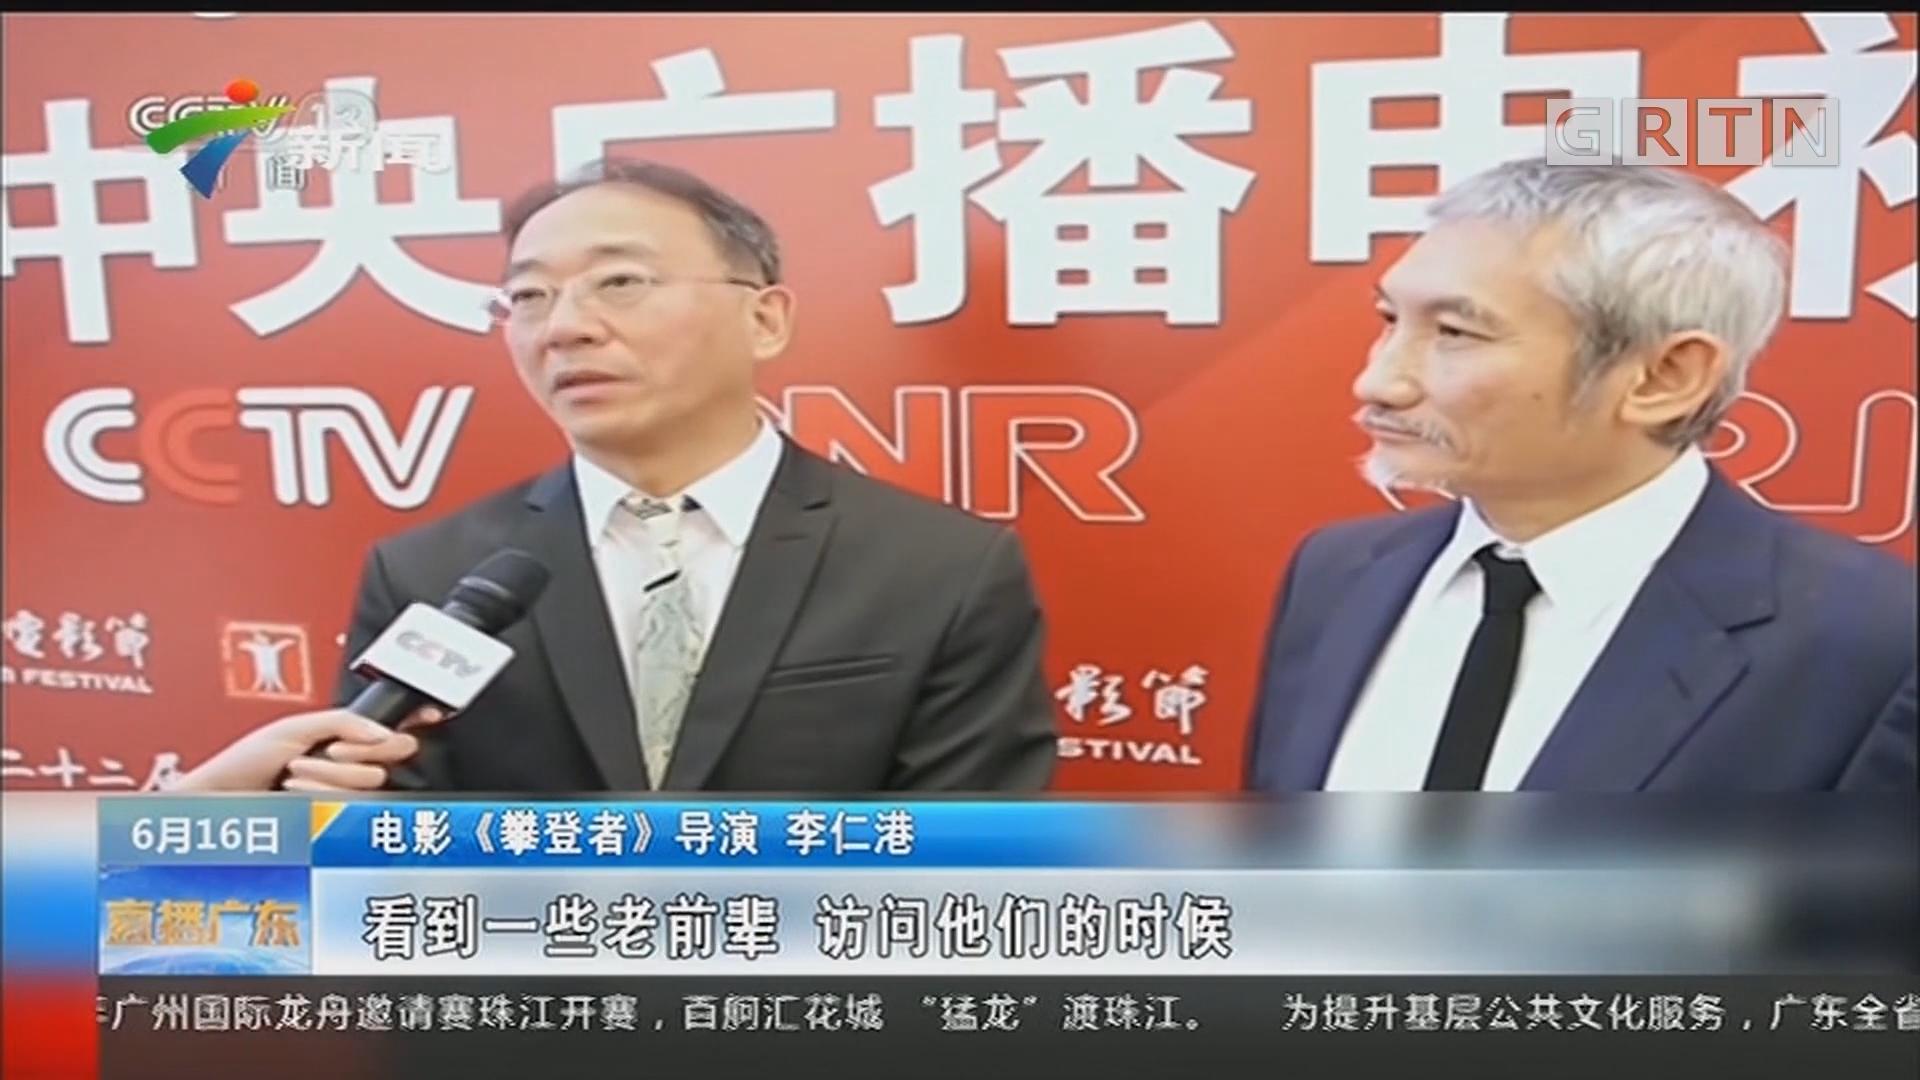 第22届上海国际电影节揭幕